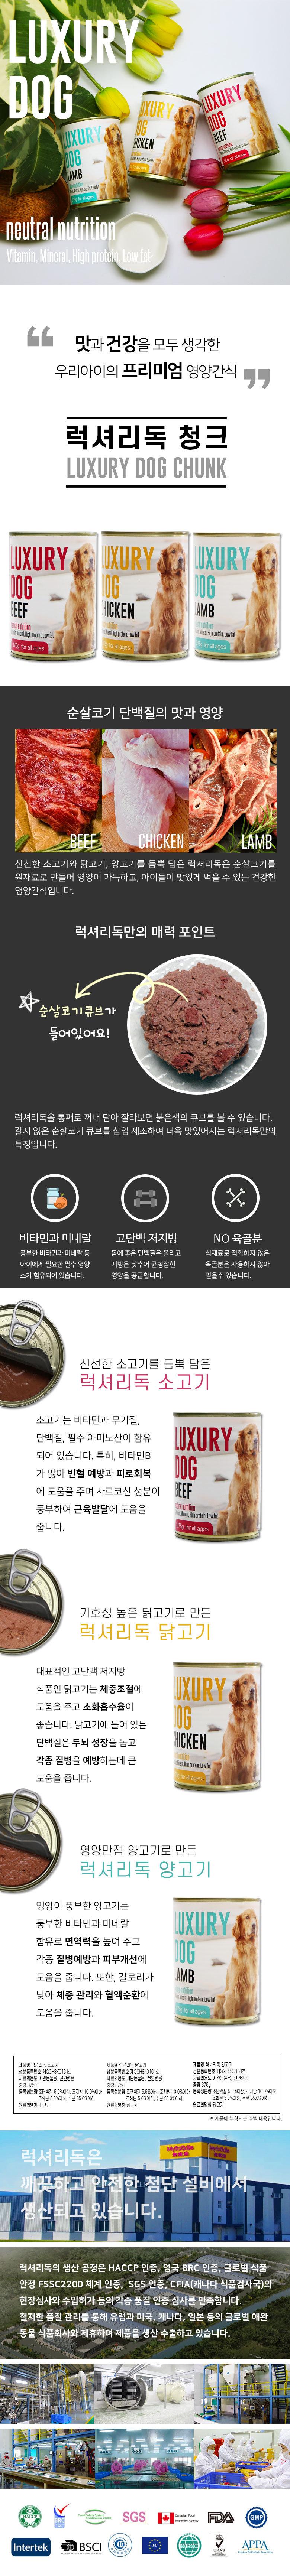 [1+1] 럭셔리독 소고기 캔 375g